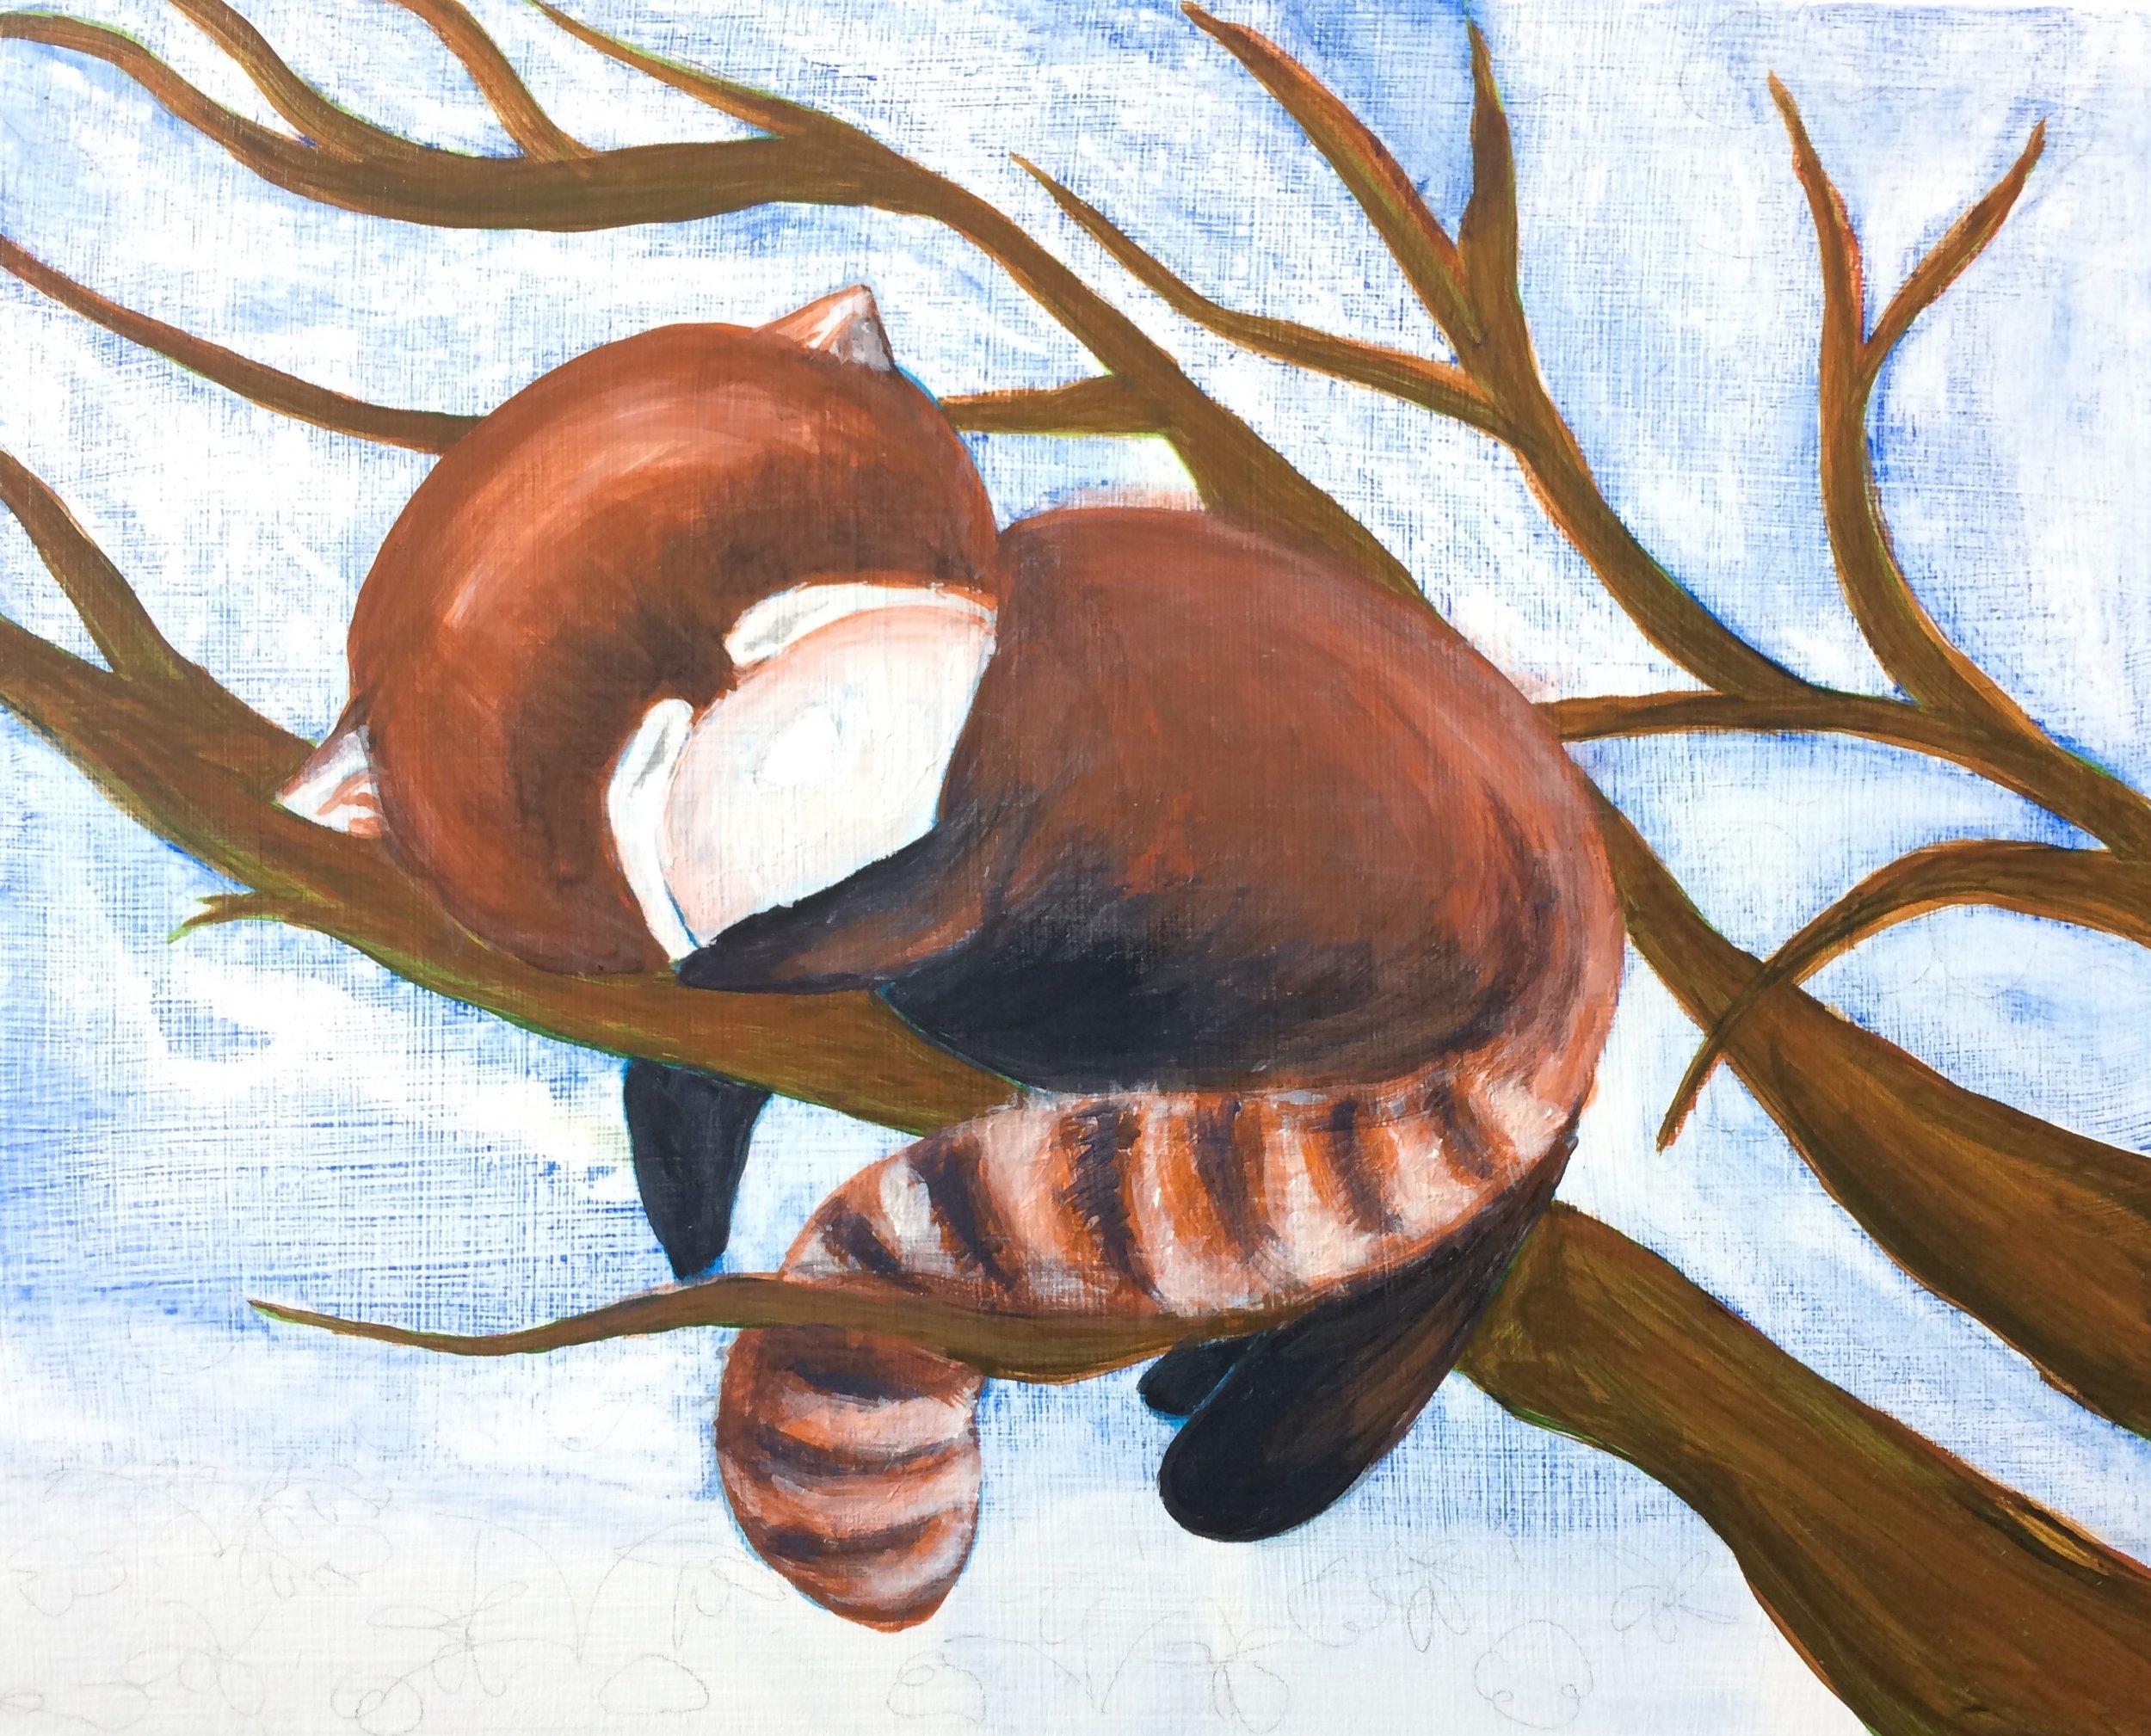 tackling the panda